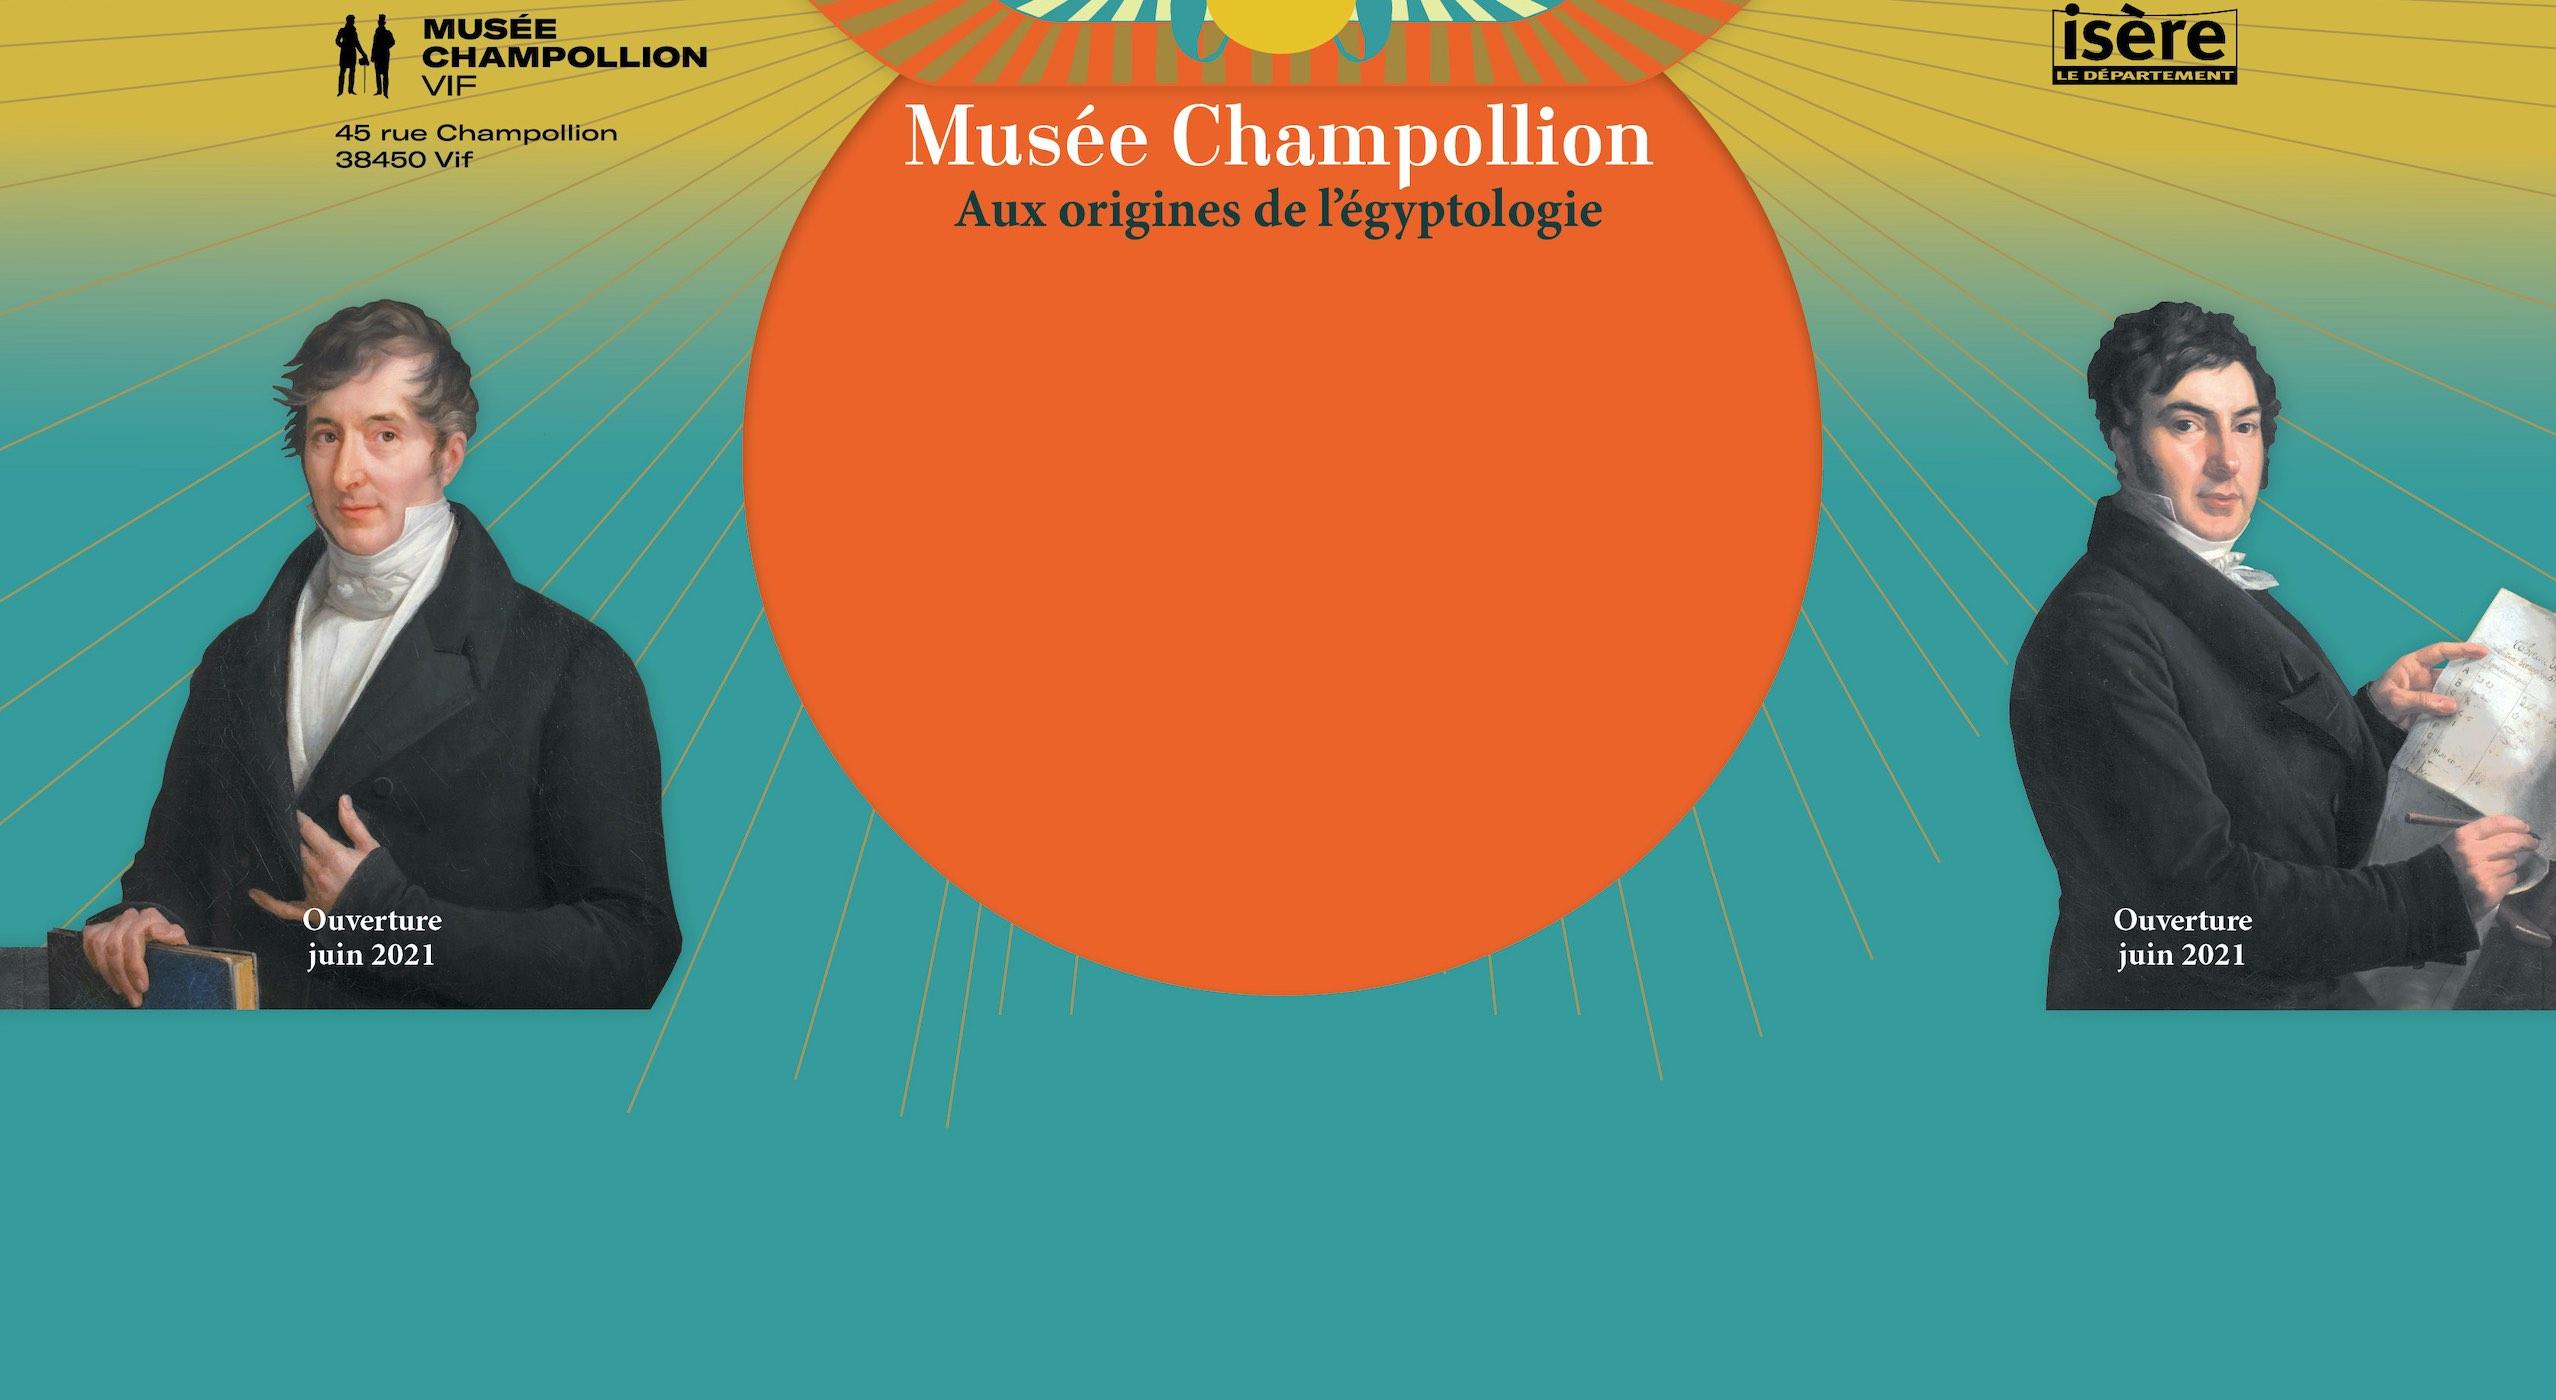 Ouverture Musée Champollion